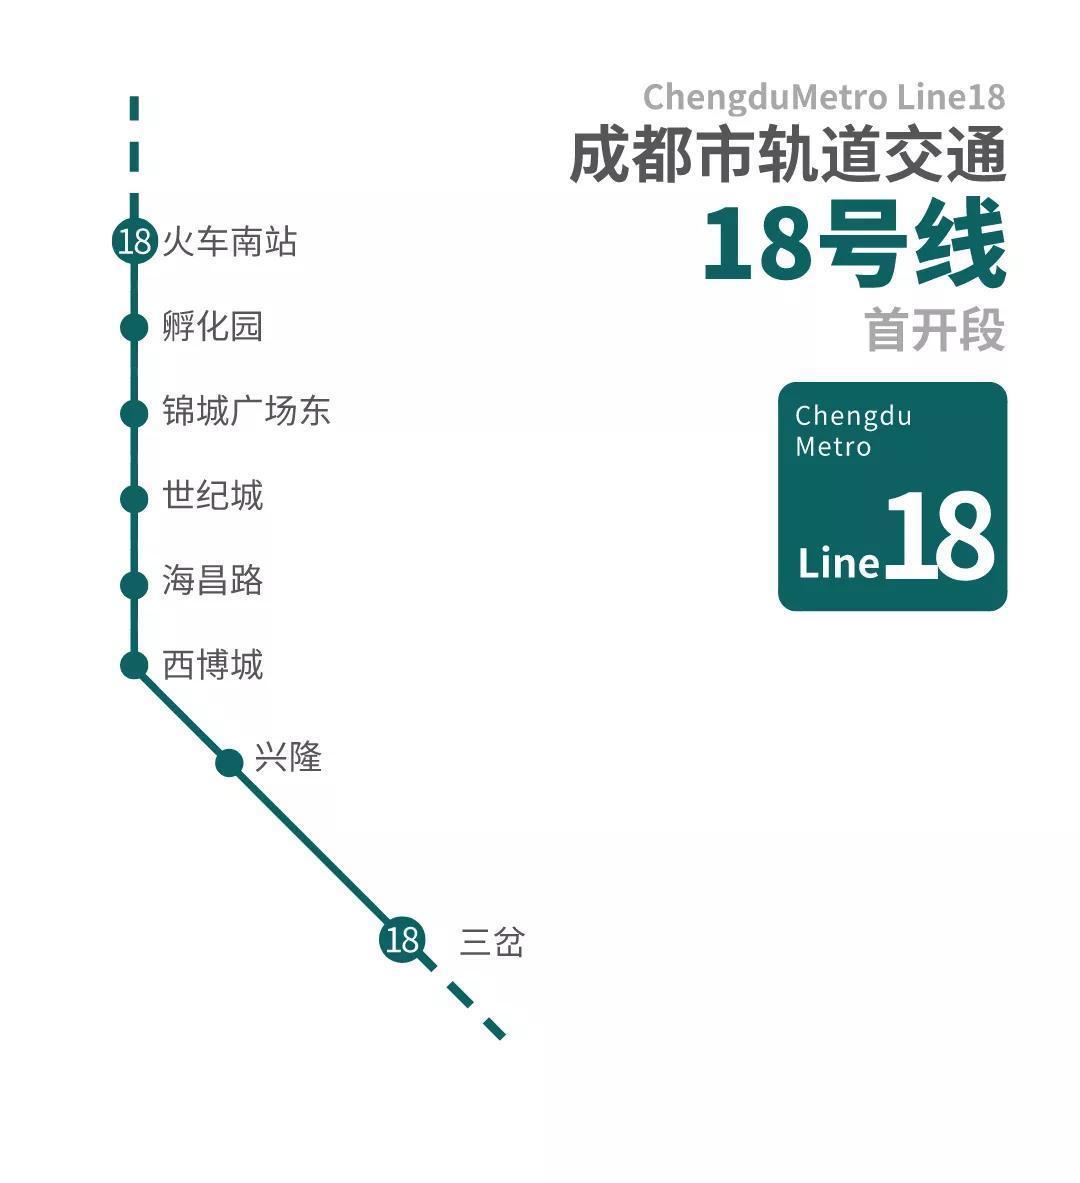 成都轨道交通18号线 年末成都轨道交通运营里程将达557.8公里